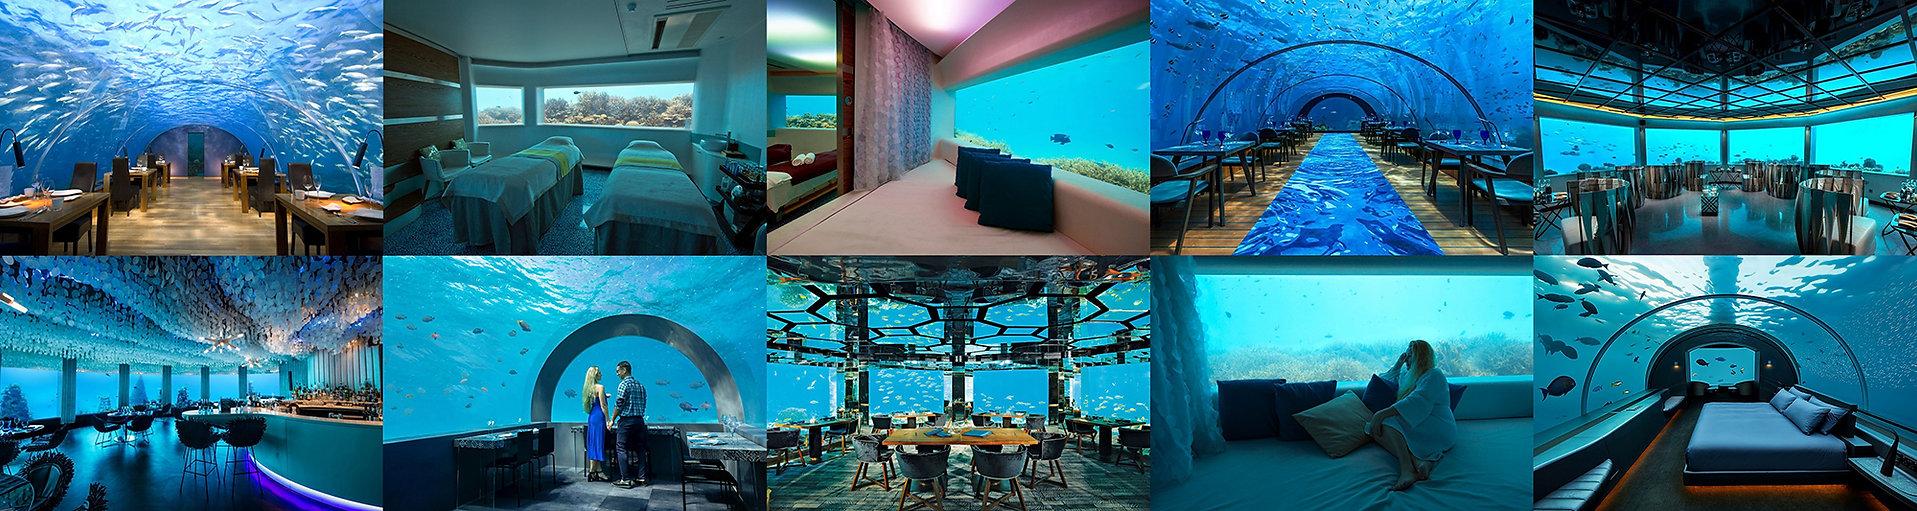 Podmořské restaurace, spa a residence, Maledivy